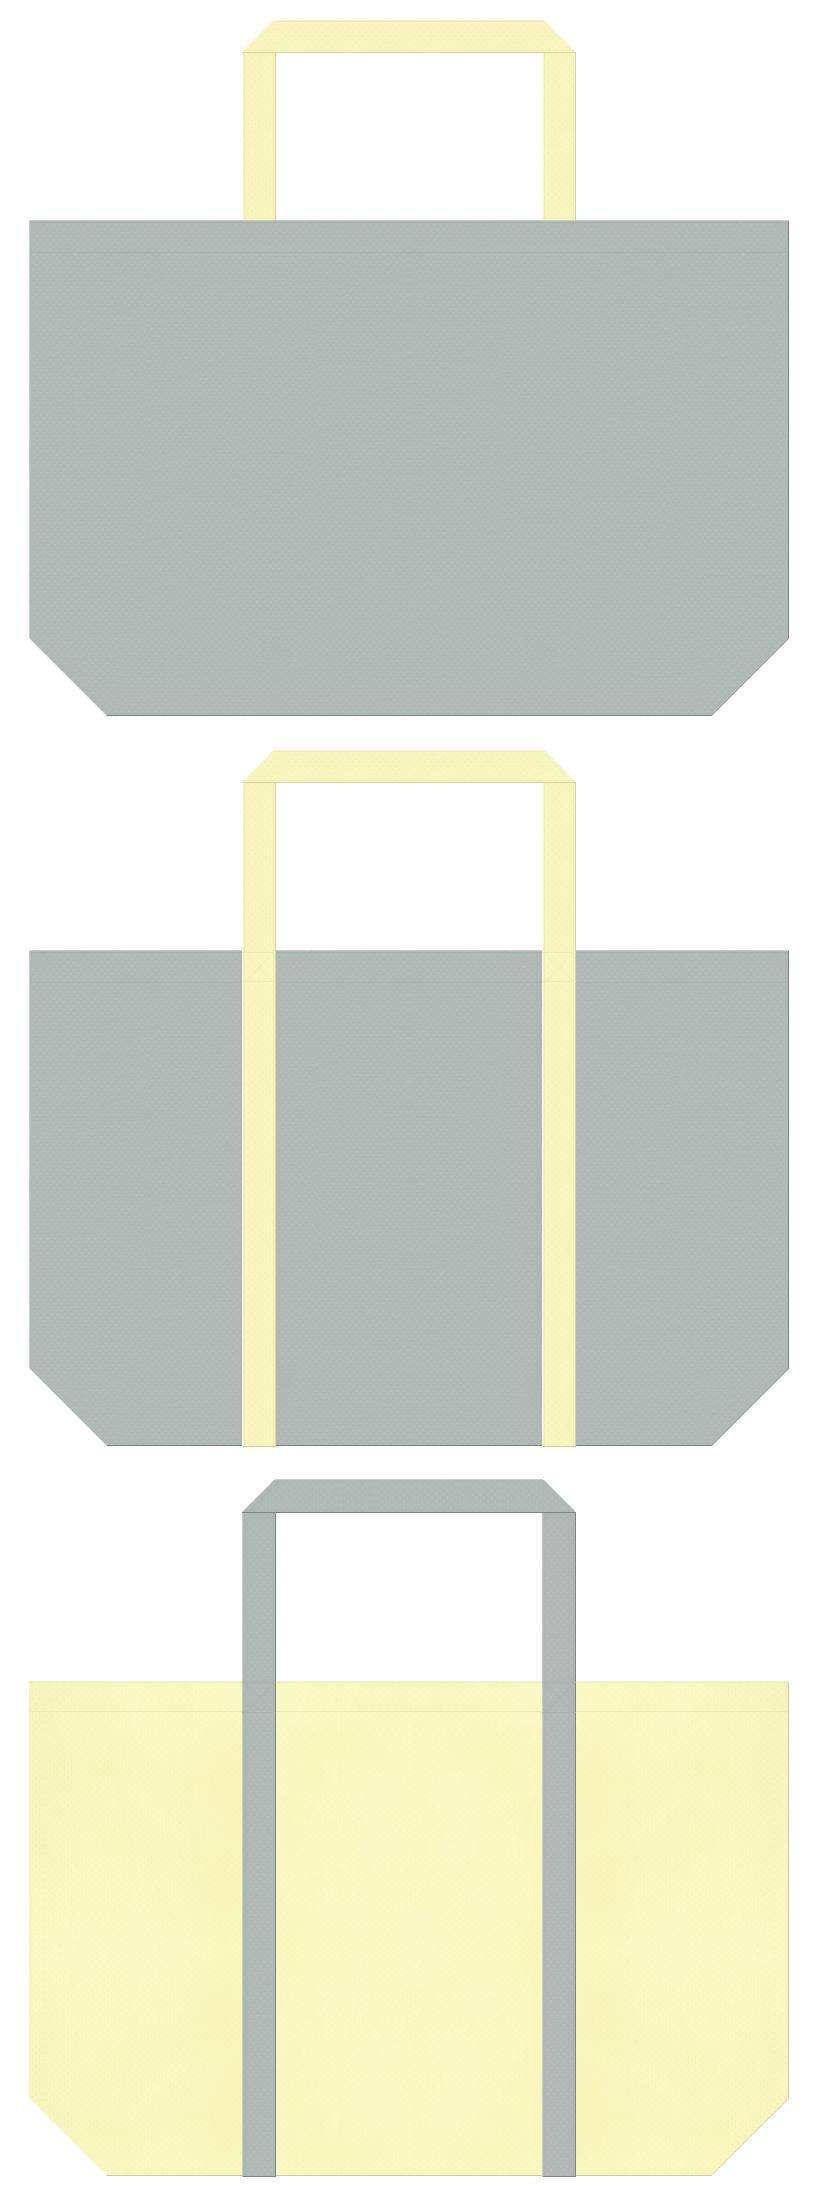 グレー色と薄黄色の不織布エコバッグのデザイン。照明器具の展示会用バッグにお奨めの配色です。